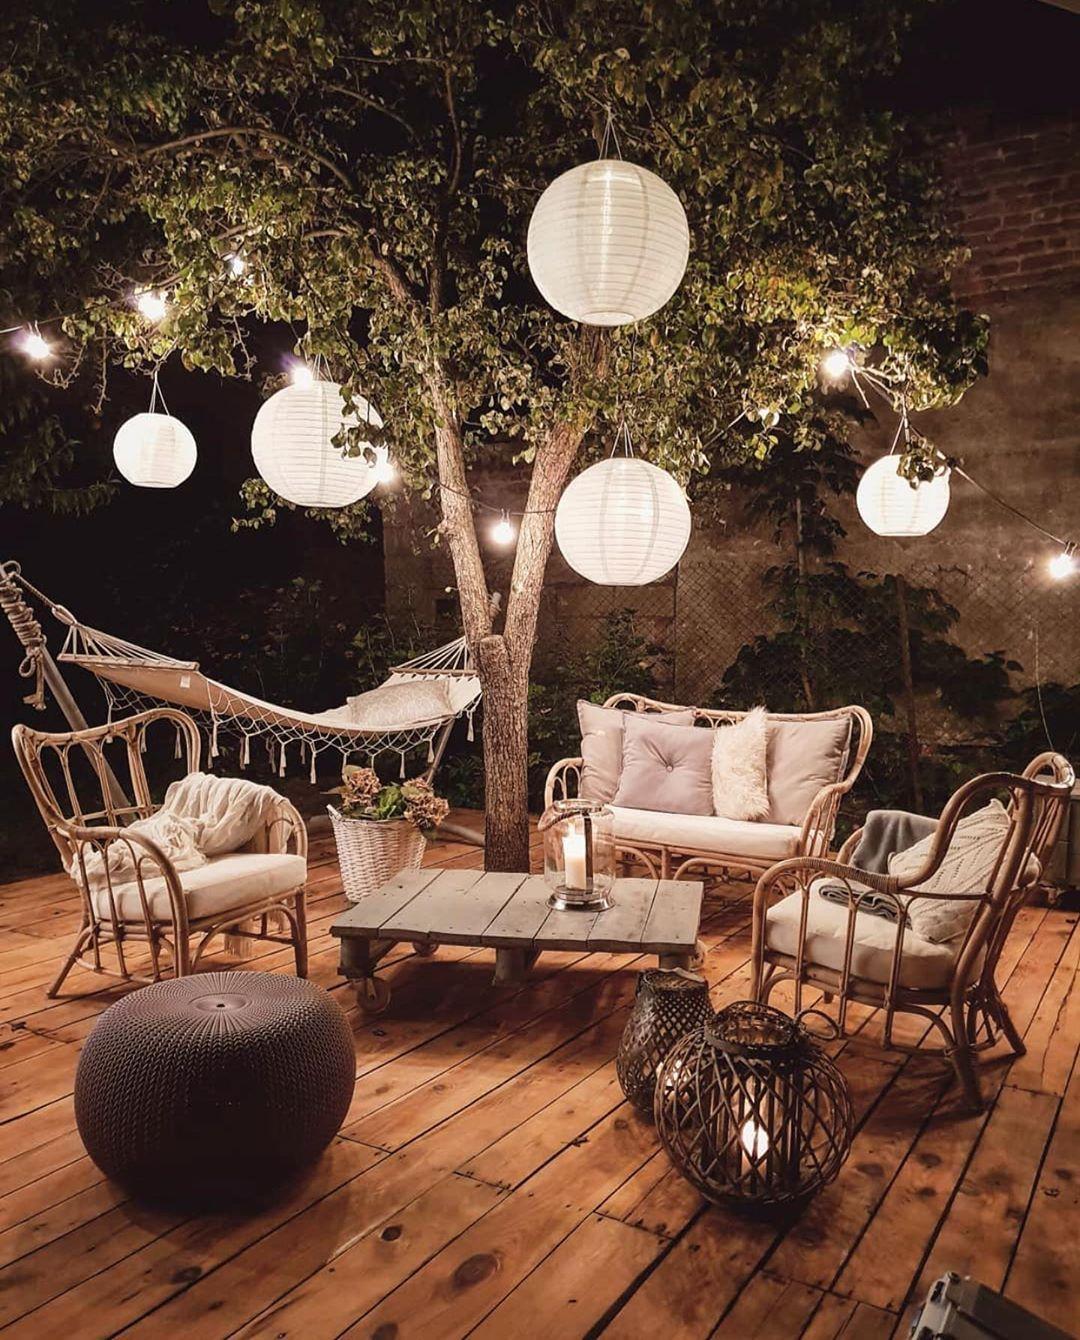 """Photo of Evtify on Instagram: """"Ev konforunda sinema keyfine ne dersiniz? 😋 Projeksiyon cihazları sayesinde bahçe ve balkonlarda kendi açık hava sinemanızı organize…"""""""